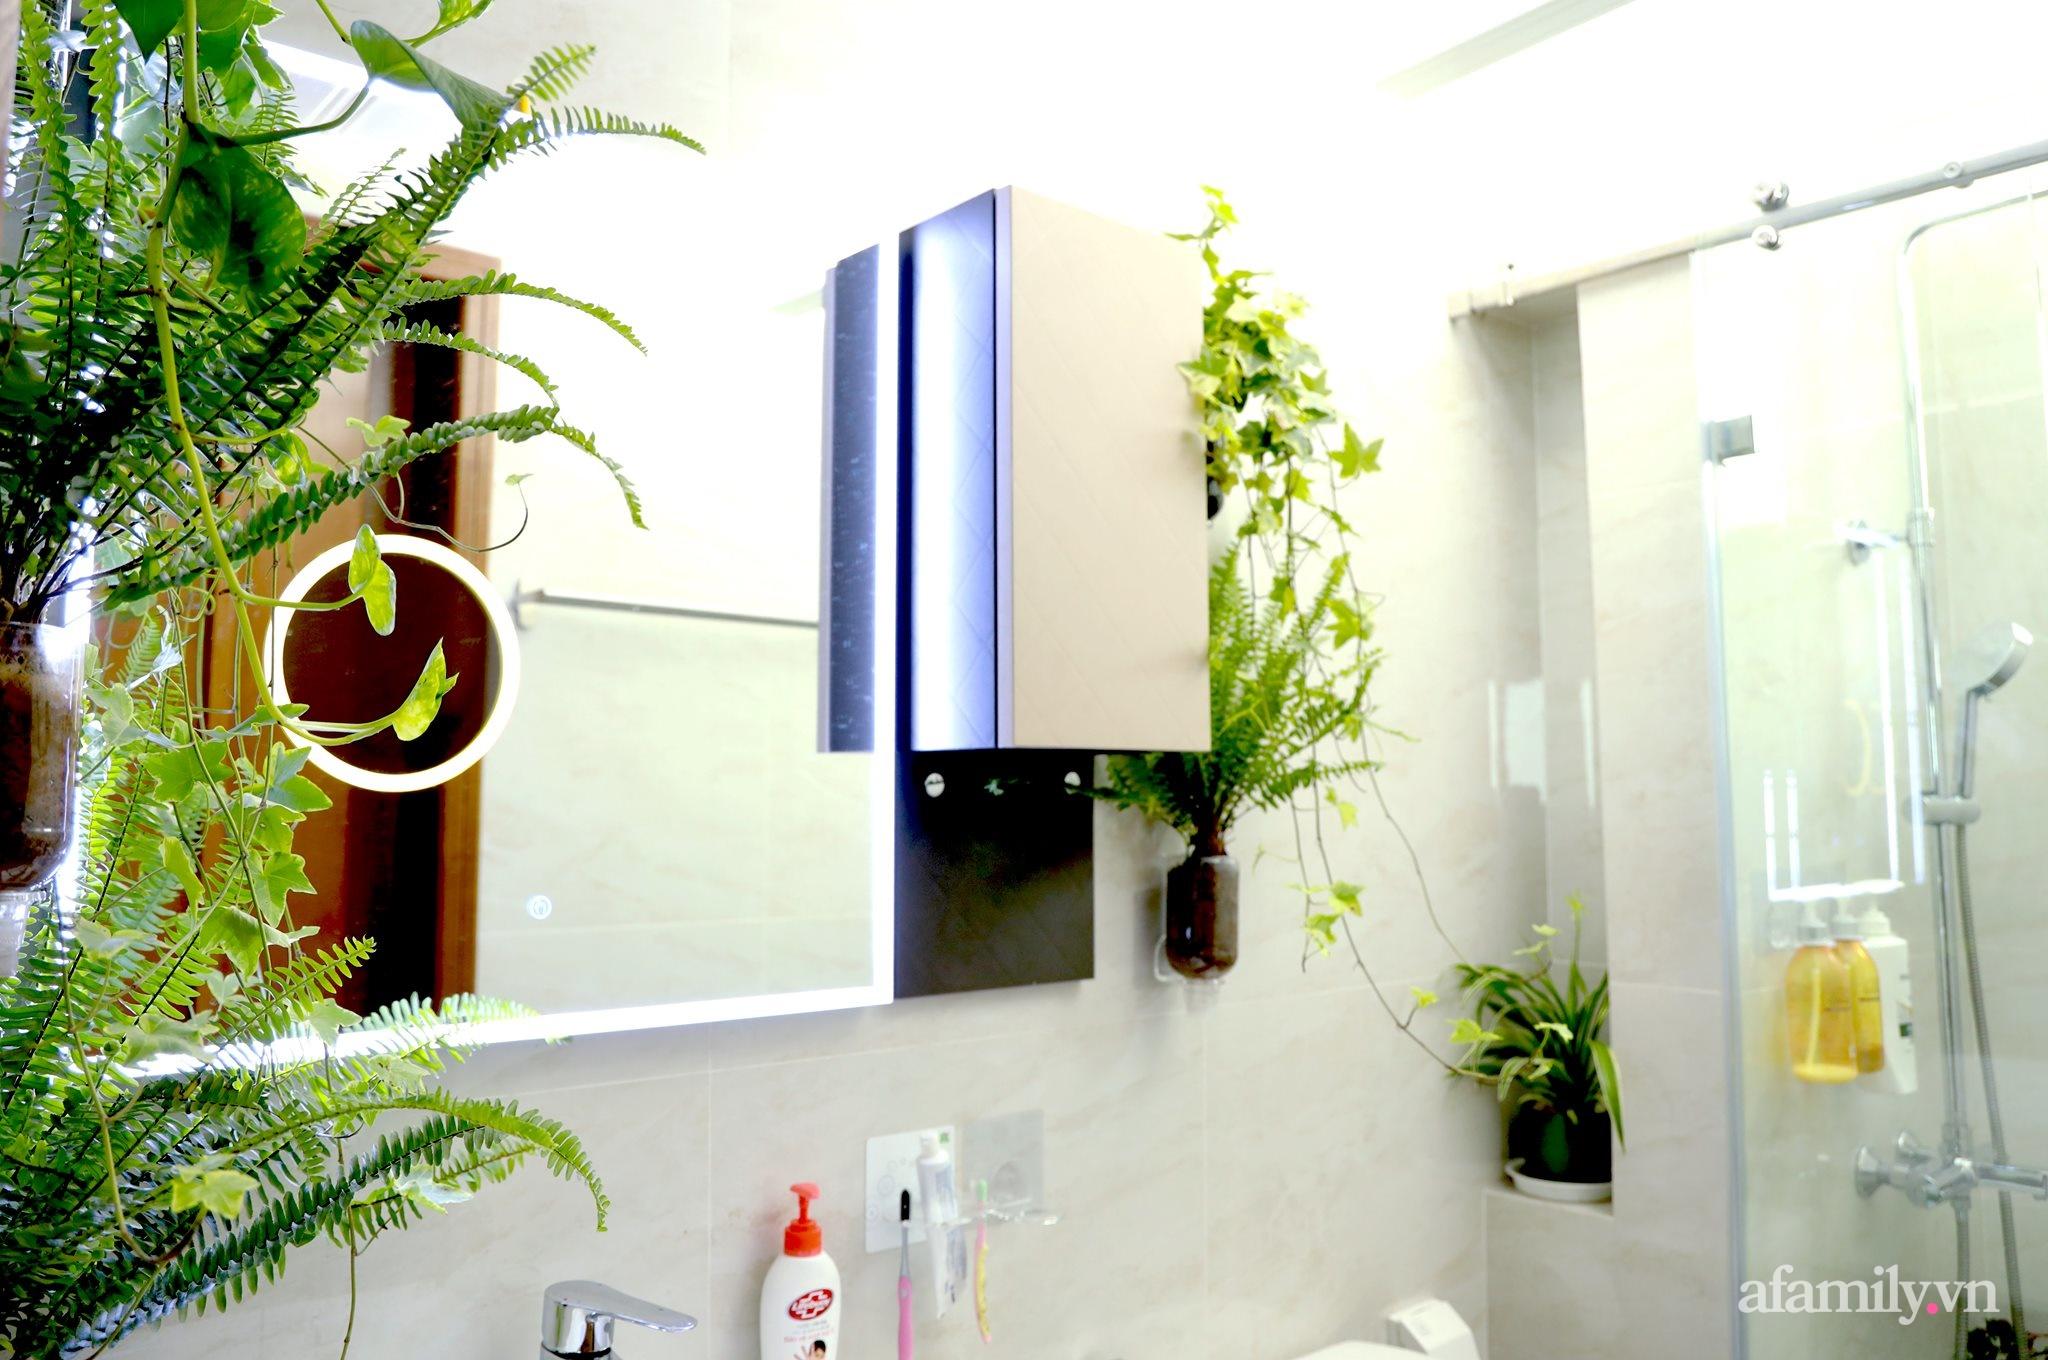 Biến hình phòng tắm đúng chuẩn hội